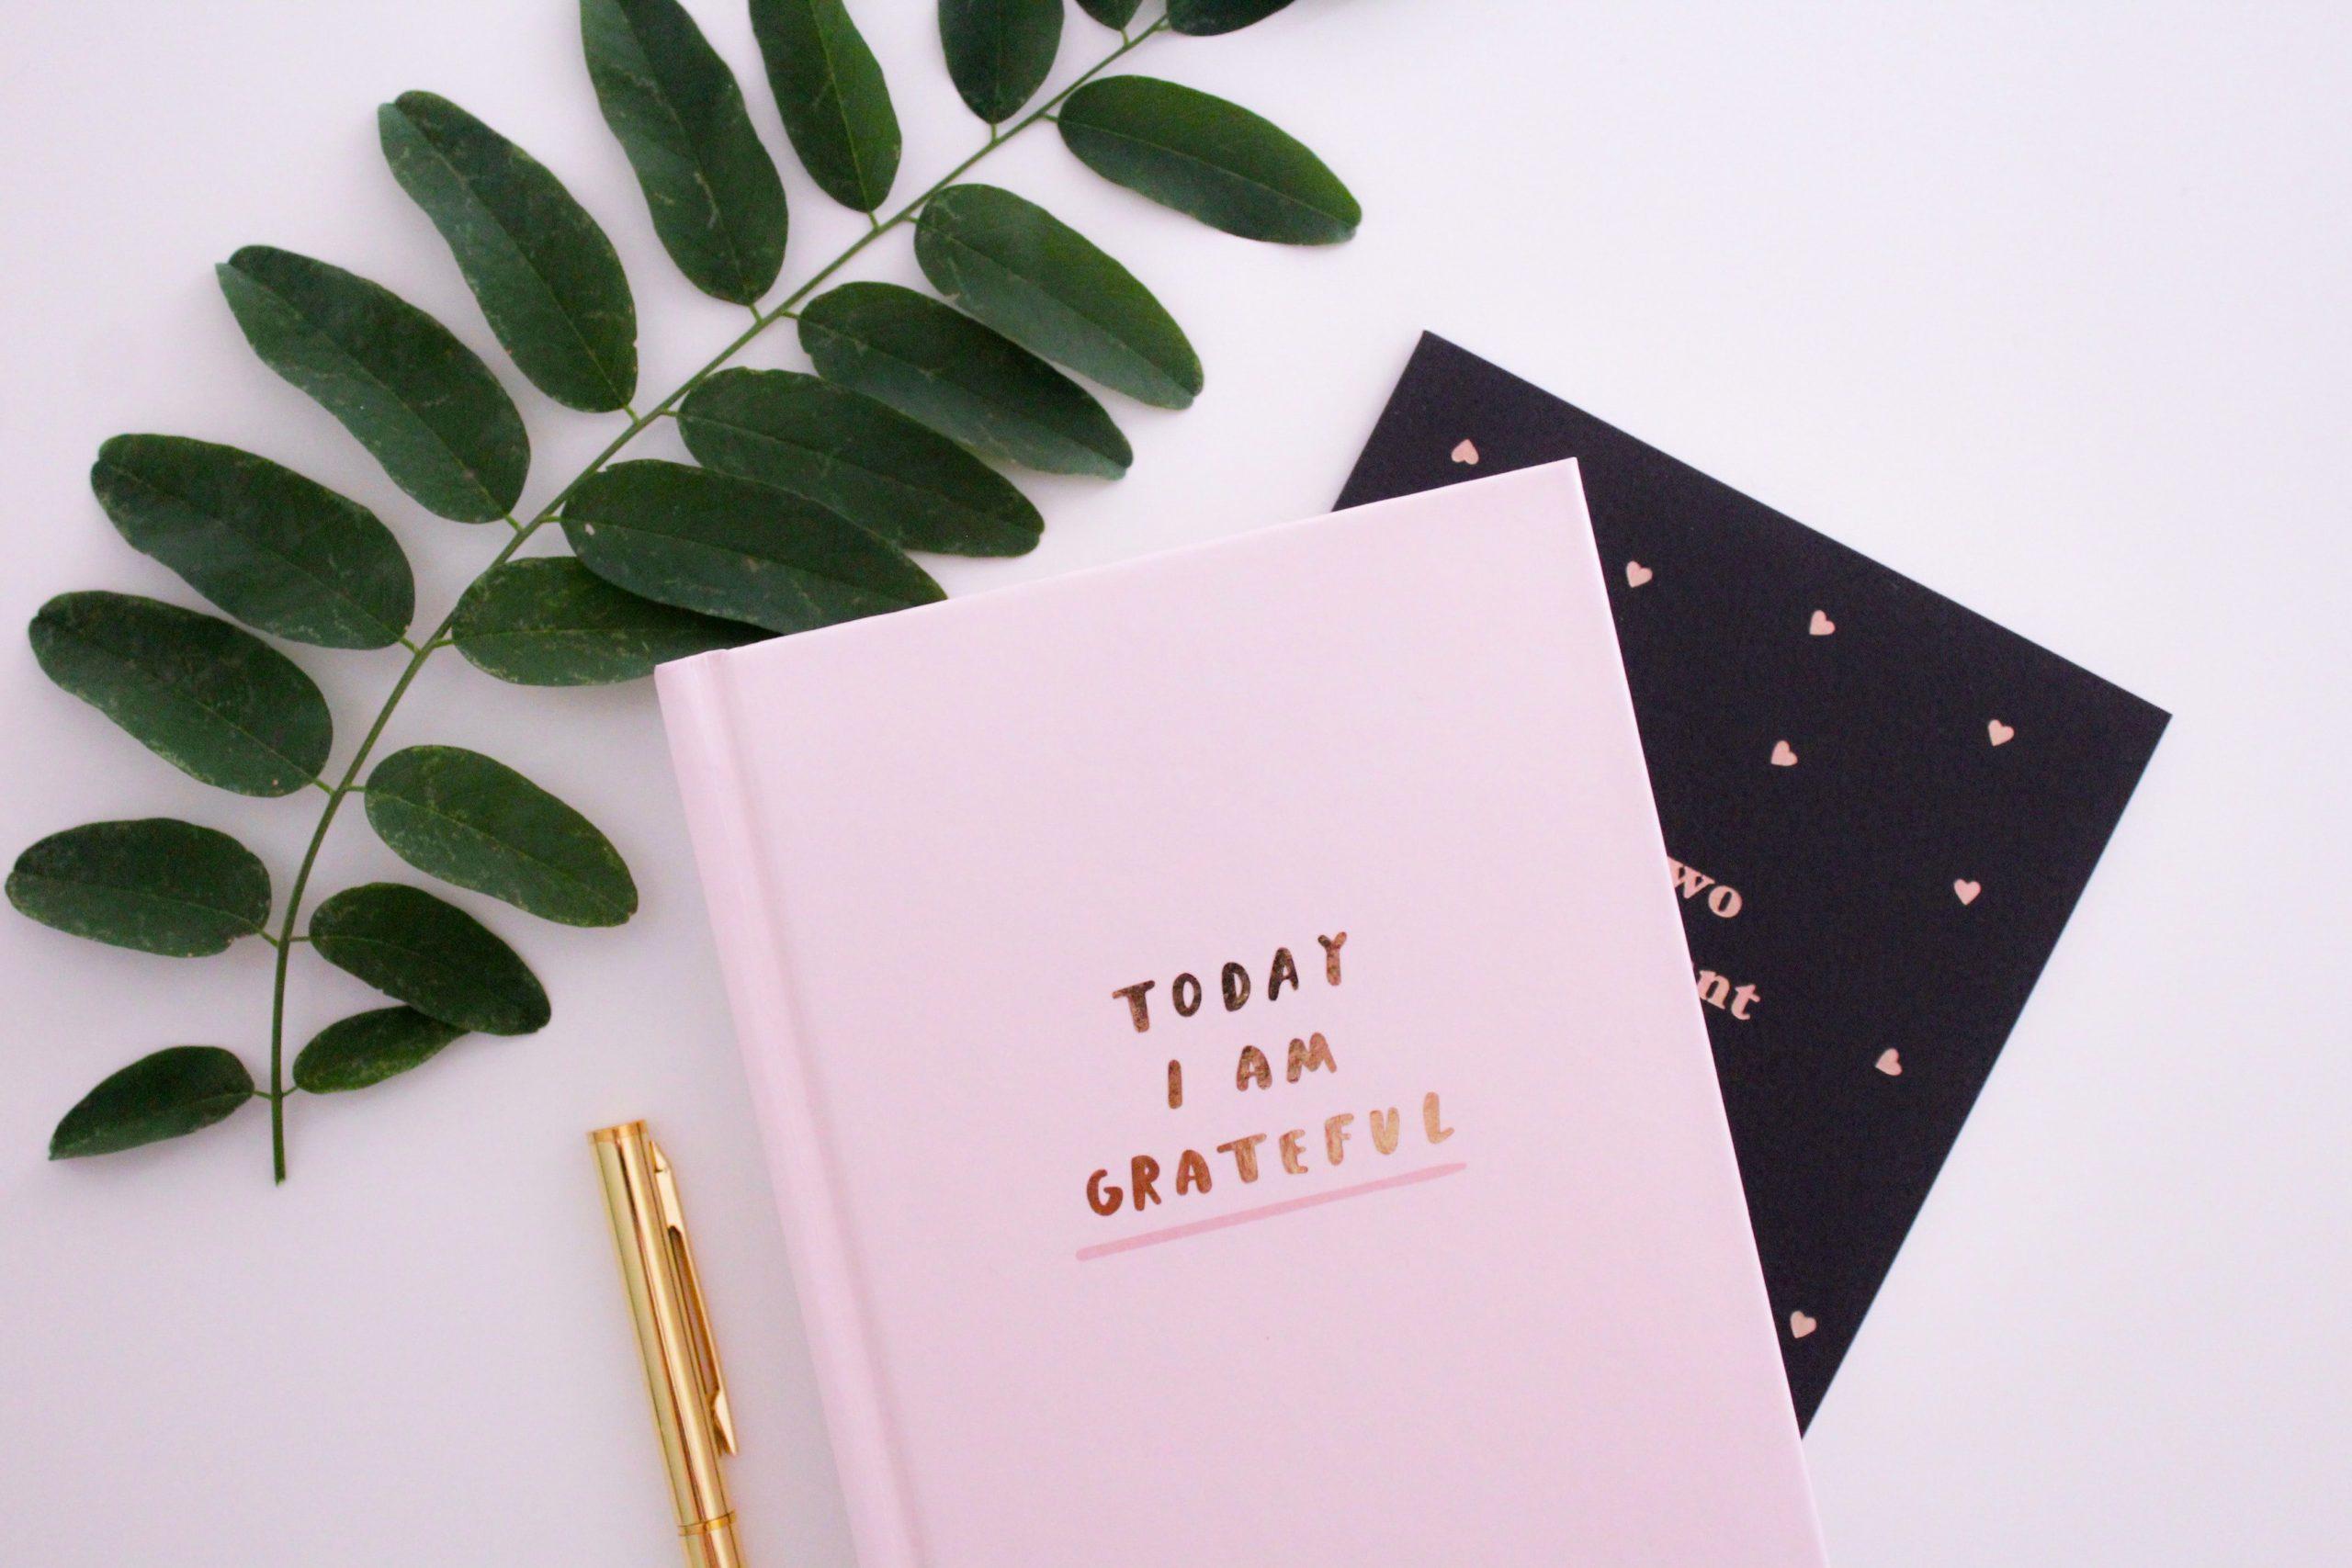 More on Gratitude